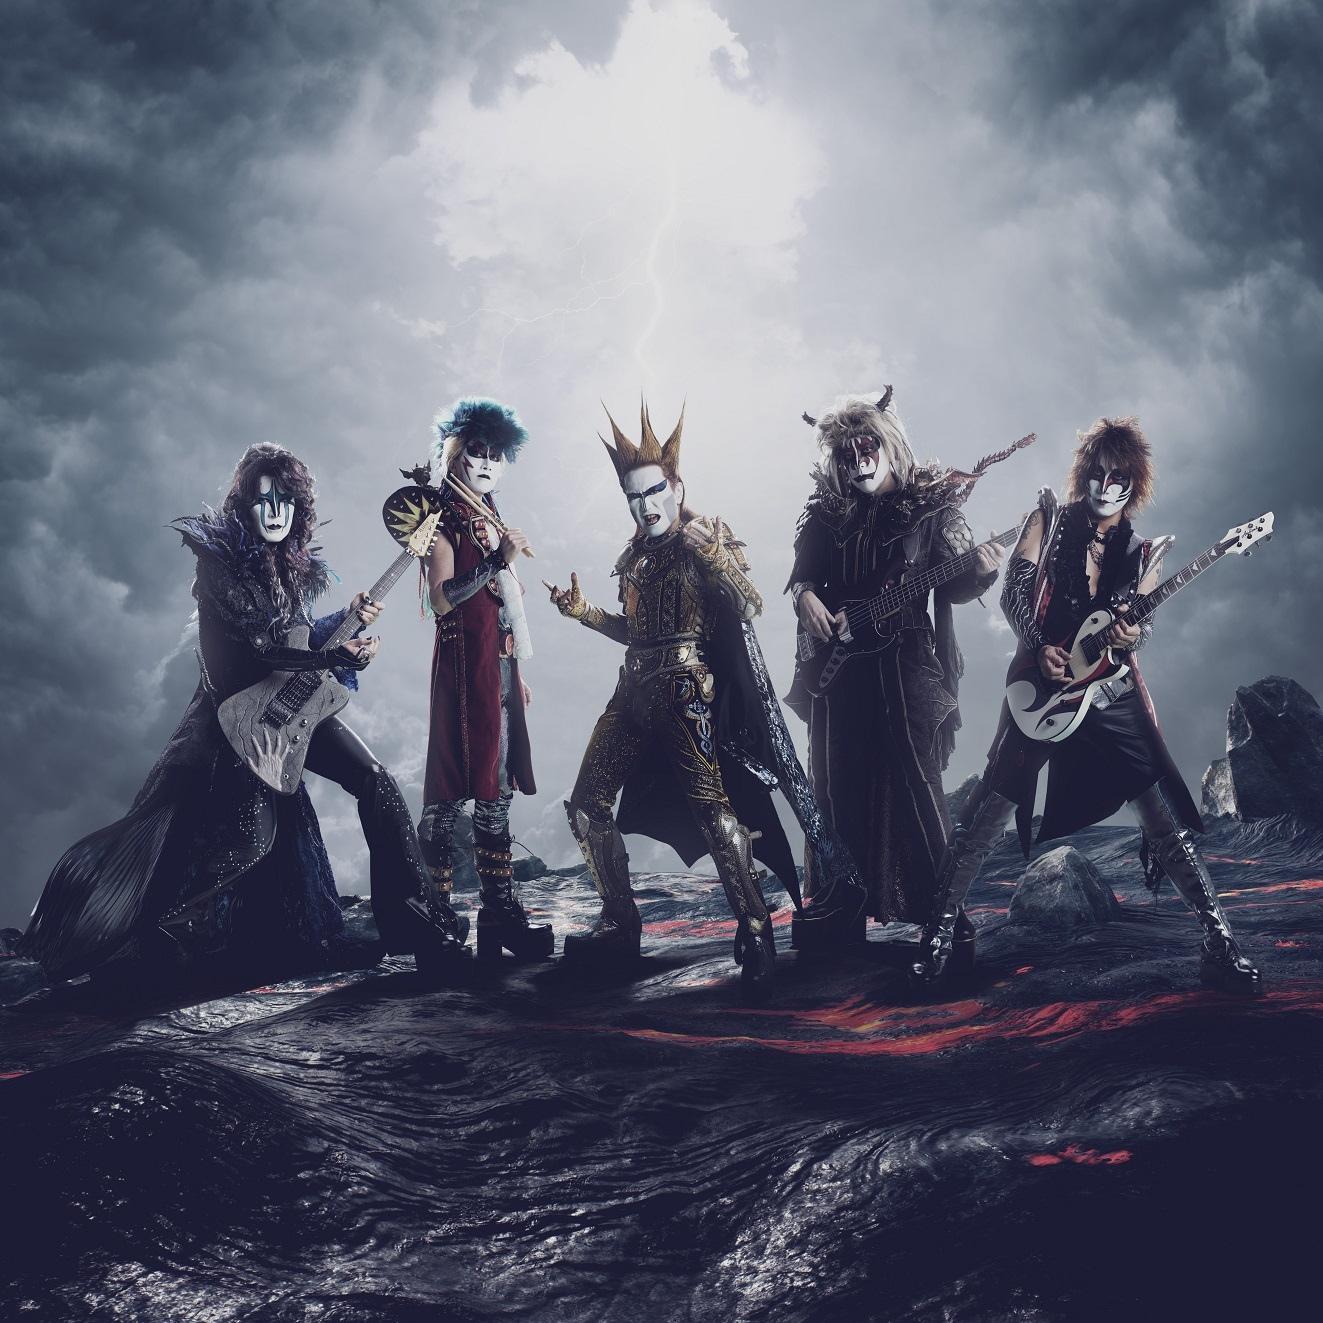 聖飢魔II、変異型ツアー「ヴィデオ&変異生黒ミサツアー『悪チン集団接種』」開催決定!